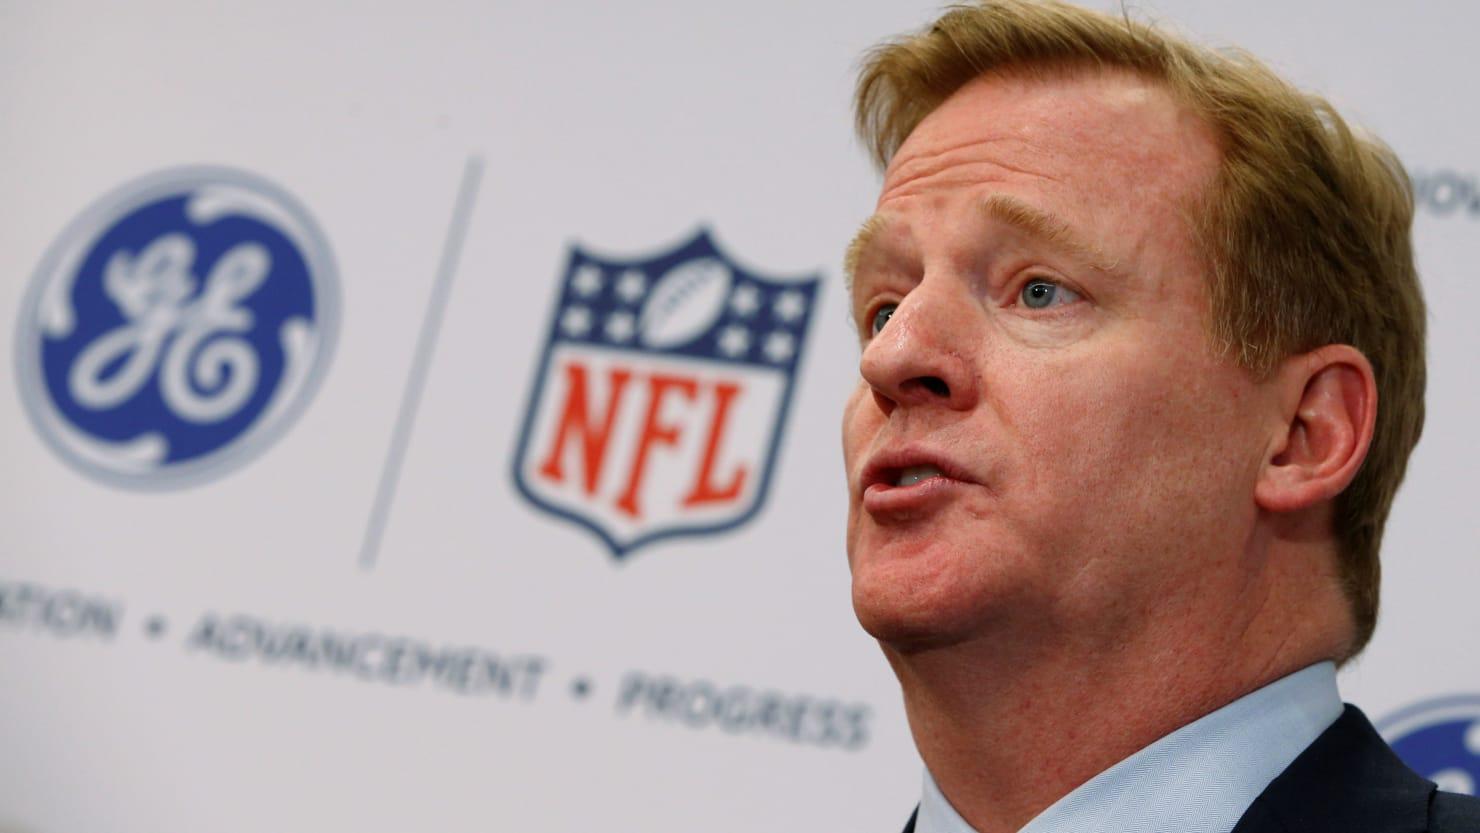 NFL: No, we didn't decide on banning kneeling